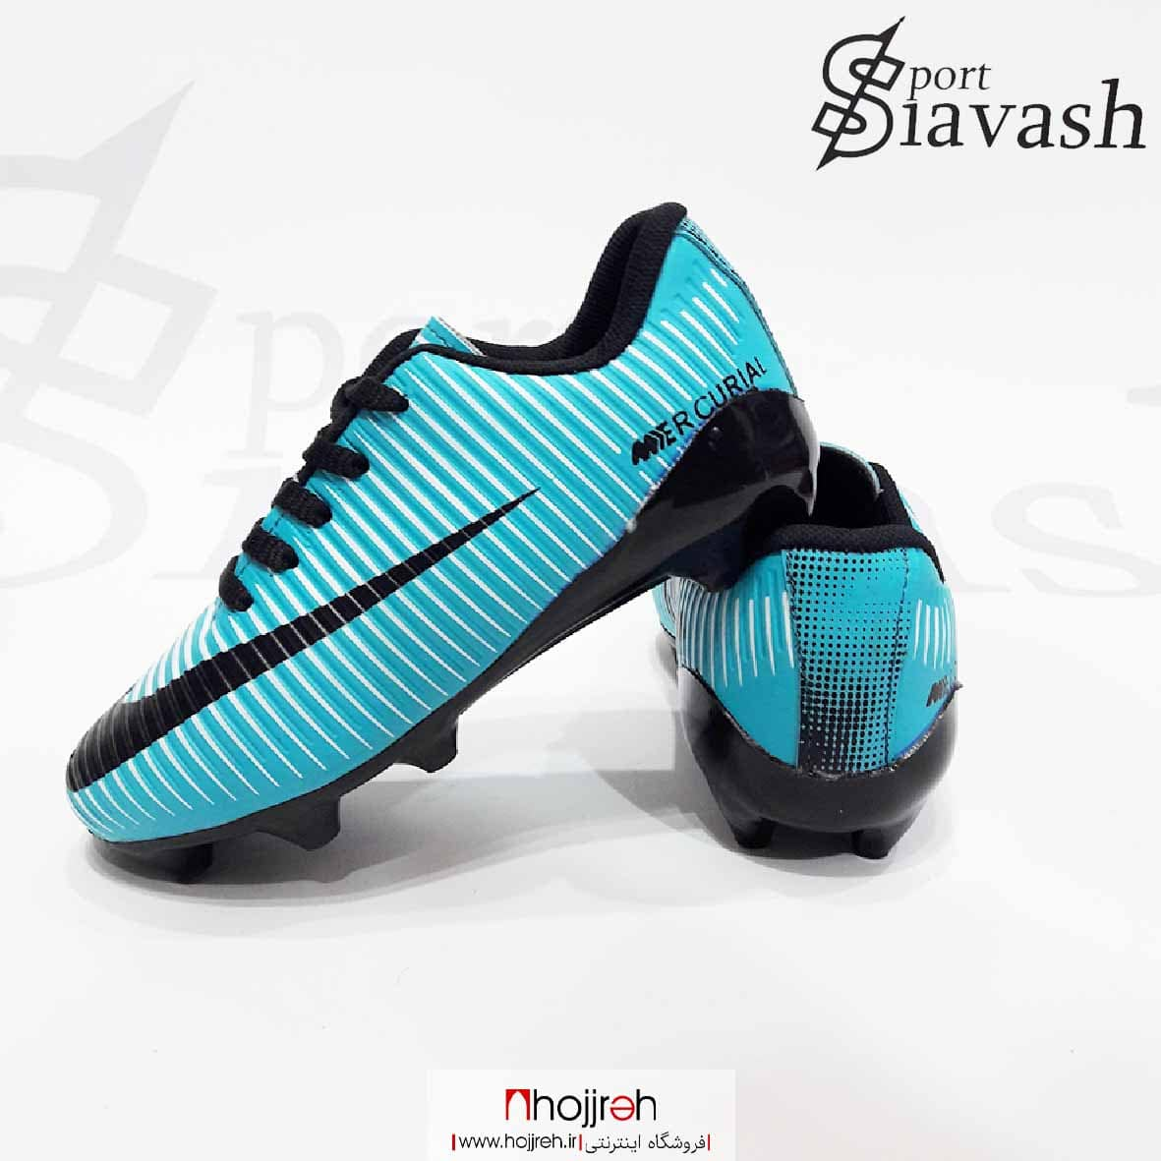 تصویر کفش فوتبال استوک دار نایک Mercuria